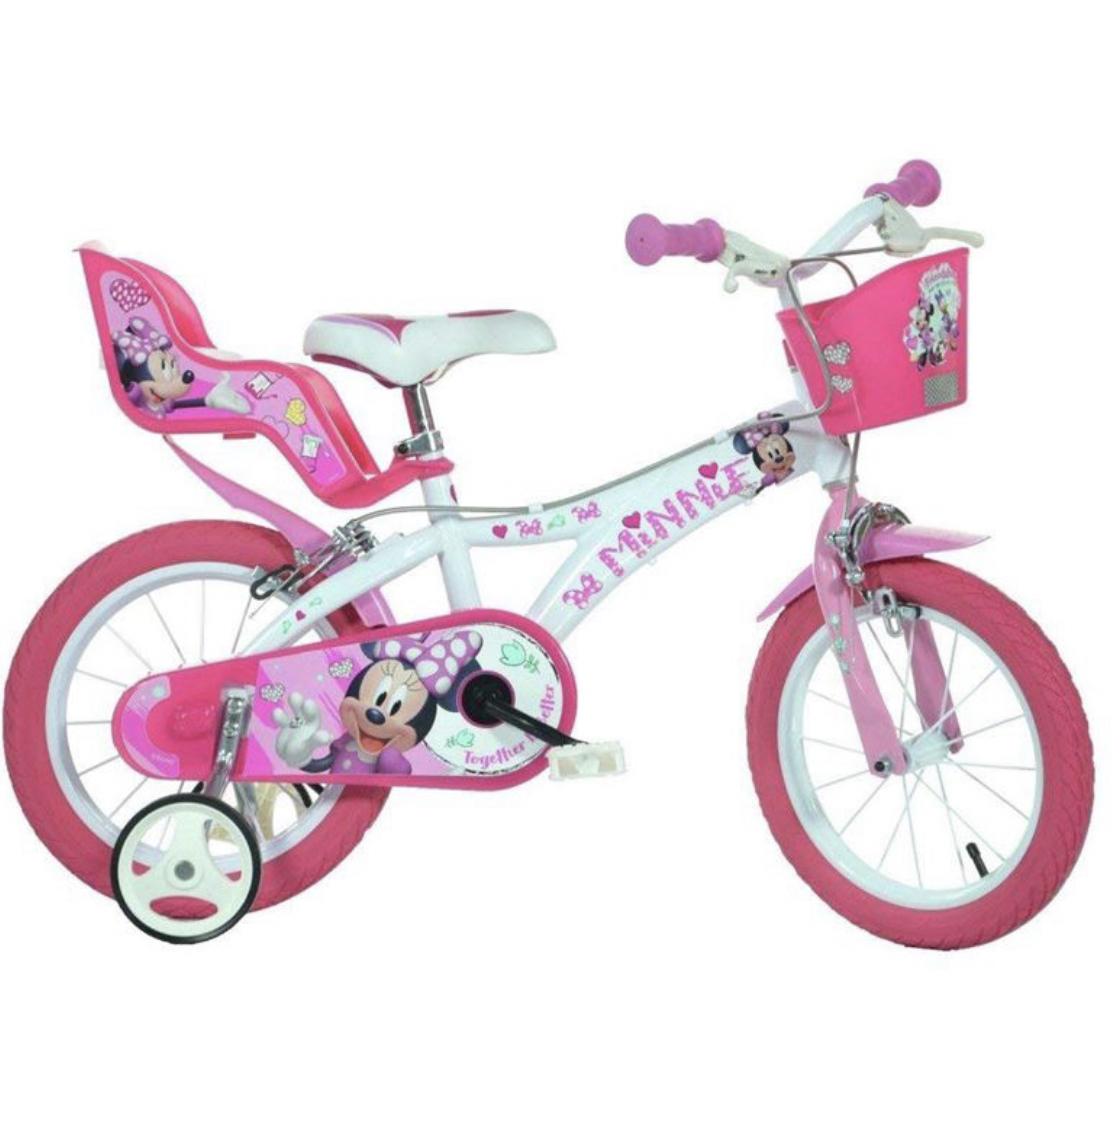 Bicicletta Minnie 16